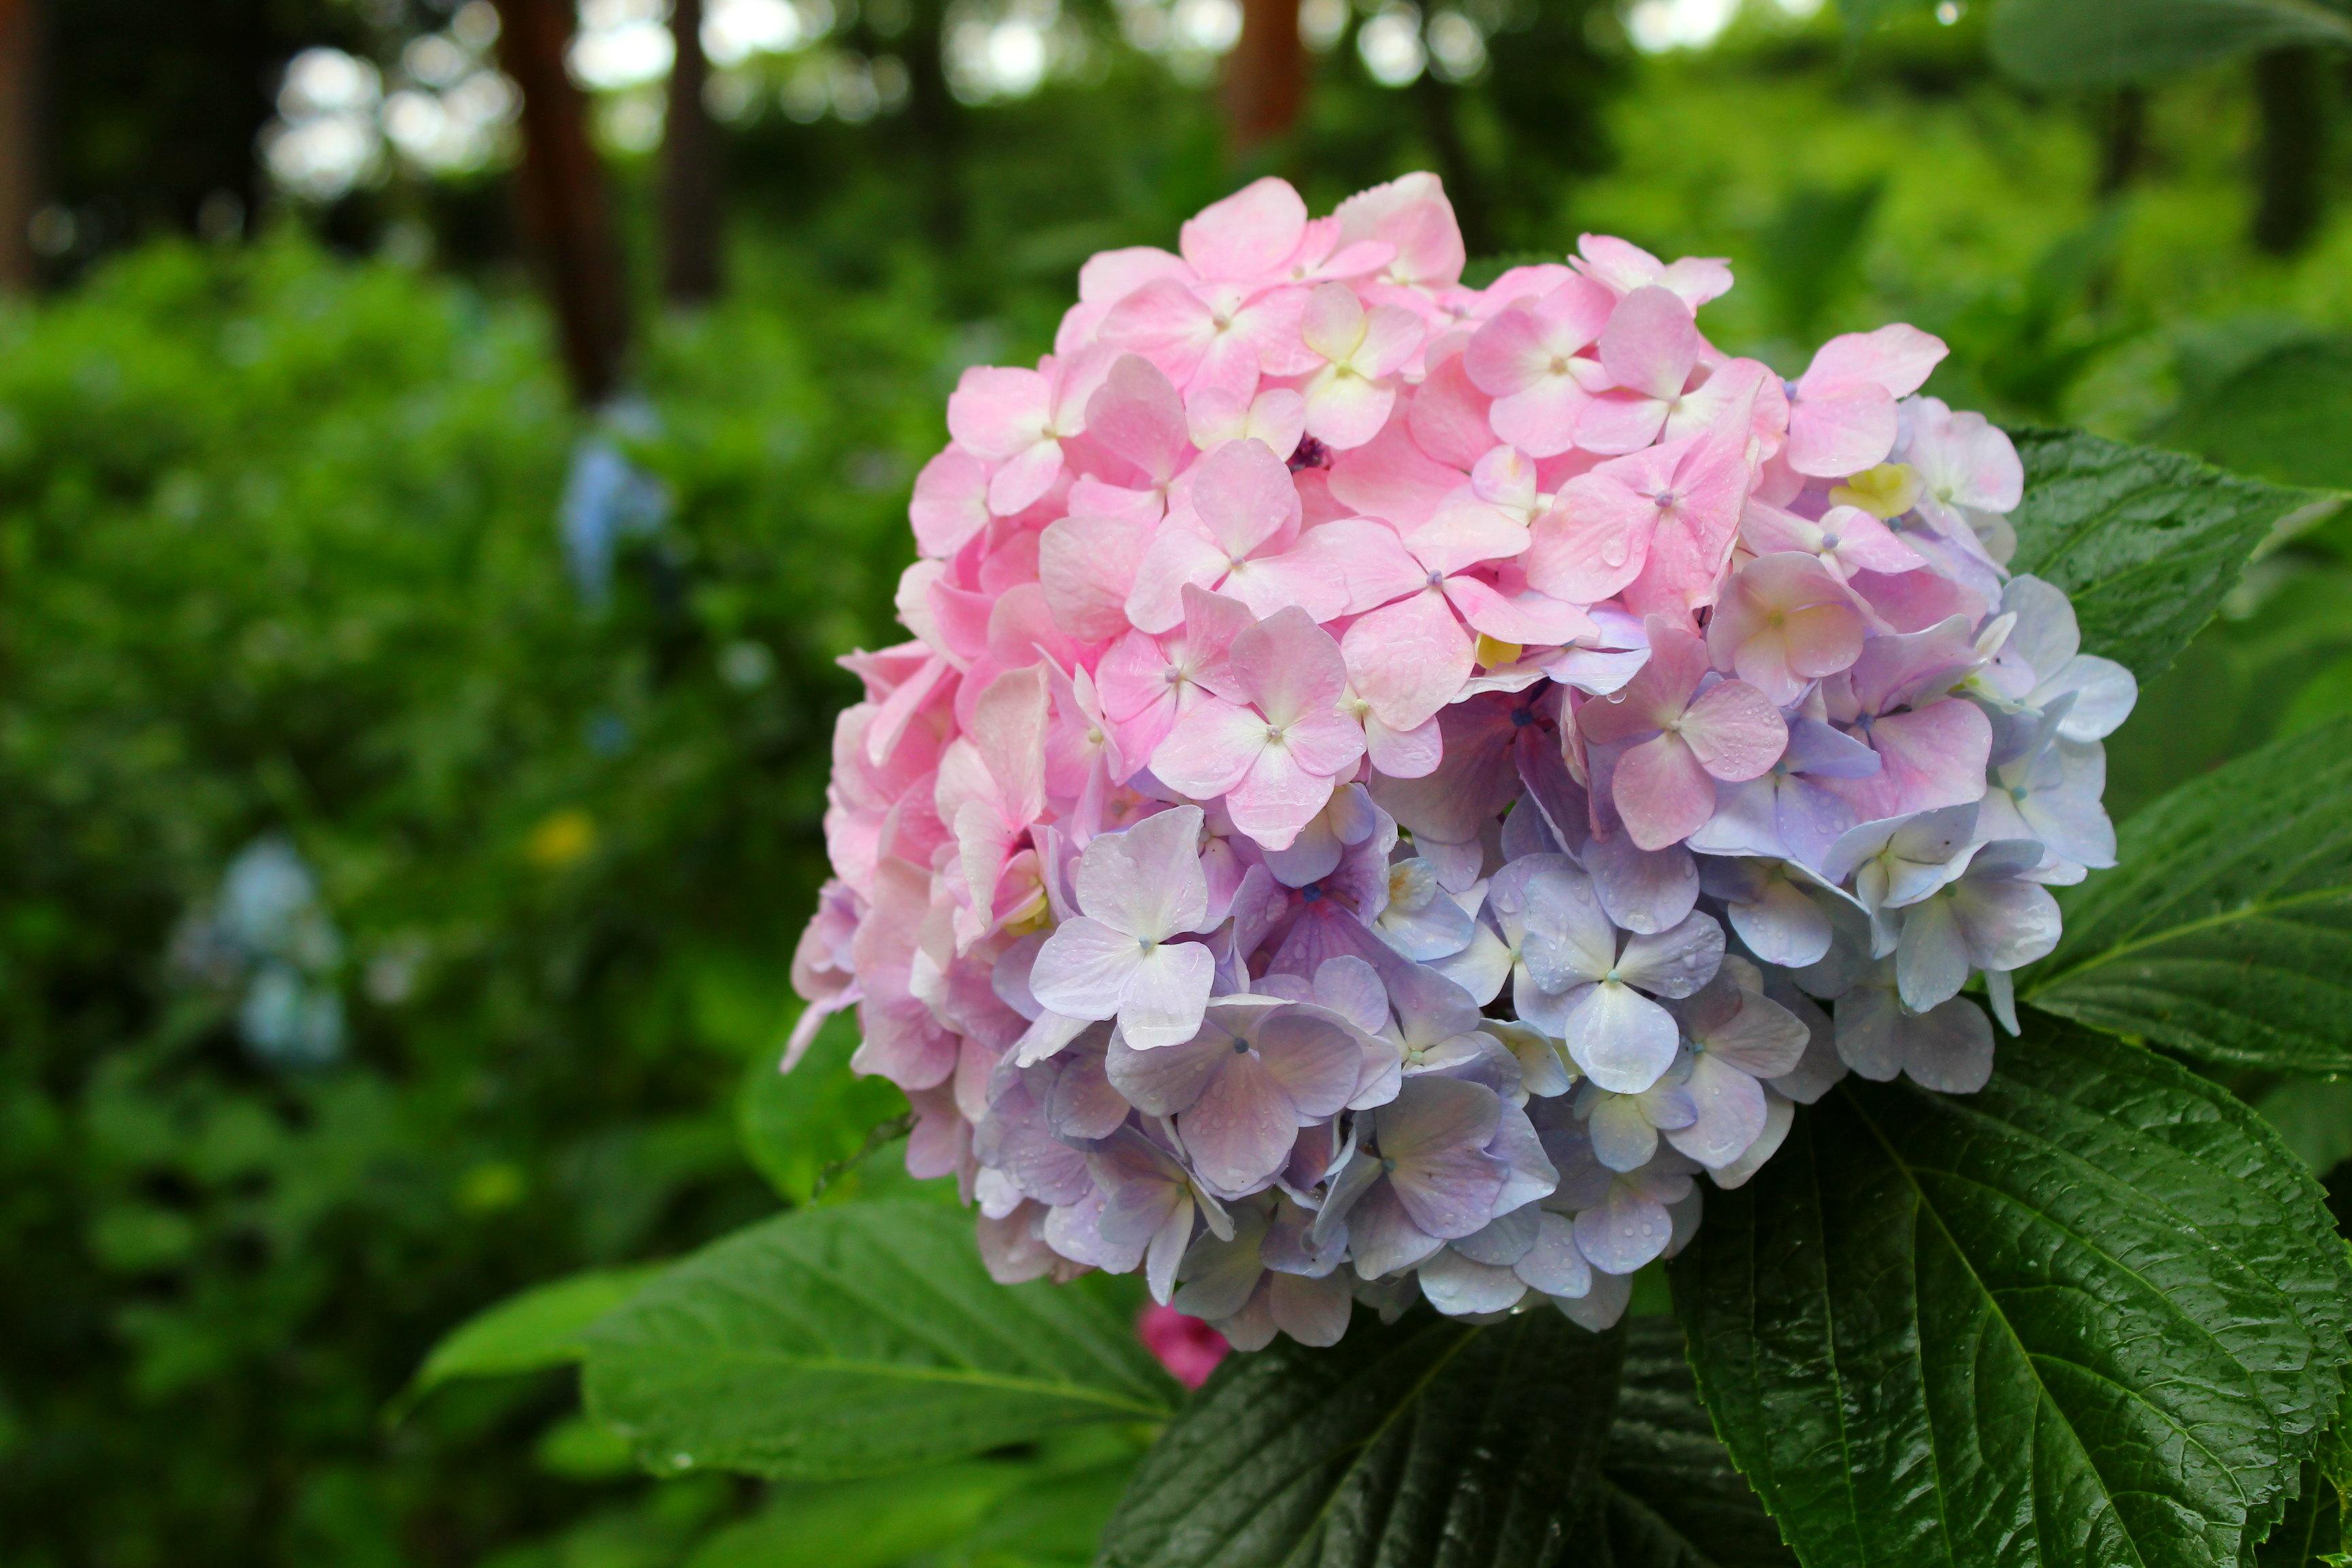 【あじさい祭り2021】雨だから太閤山ランドの花の祭典に行ってきた